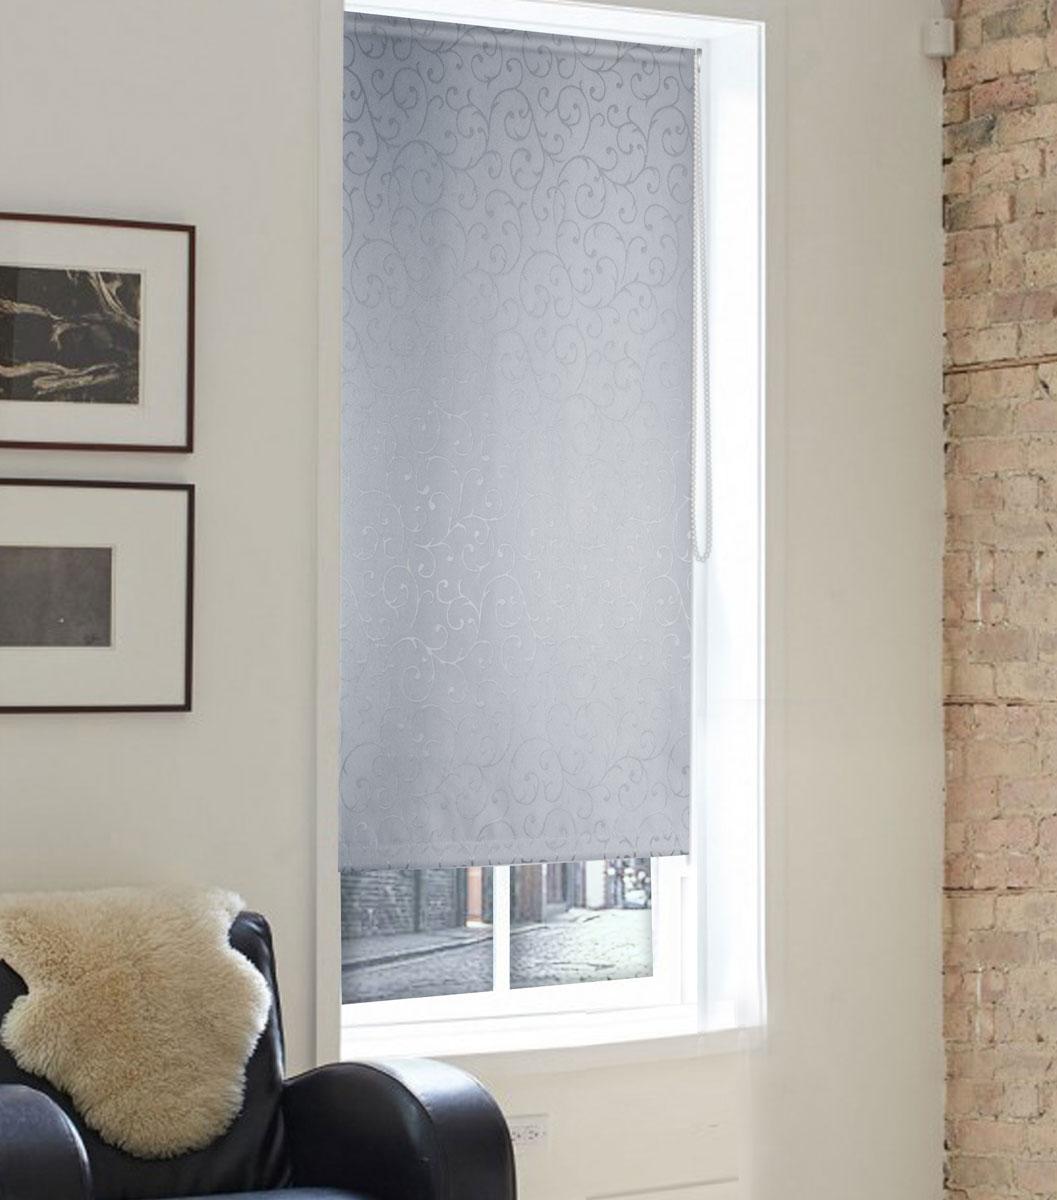 Штора рулонная Эскар Миниролло. Агат, цвет: серый, ширина 48 см, высота 160 см37022048160Рулонная штора Эскар Миниролло. Агат выполнена из высокопрочной ткани,которая сохраняет свой размер даже при намокании. Ткань не выцветает иобладает отличной цветоустойчивостью.Миниролло - это подвид рулонных штор, который закрывает не весь оконныйпроем, а непосредственно само стекло. Такие шторы крепятся на раму безсверления при помощи зажимов или клейкой двухсторонней ленты. Окно остаетсяна гарантии, благодаря монтажу без сверления.Такая штора станет прекрасным элементом декора окна и гармонично впишется винтерьер любого помещения.